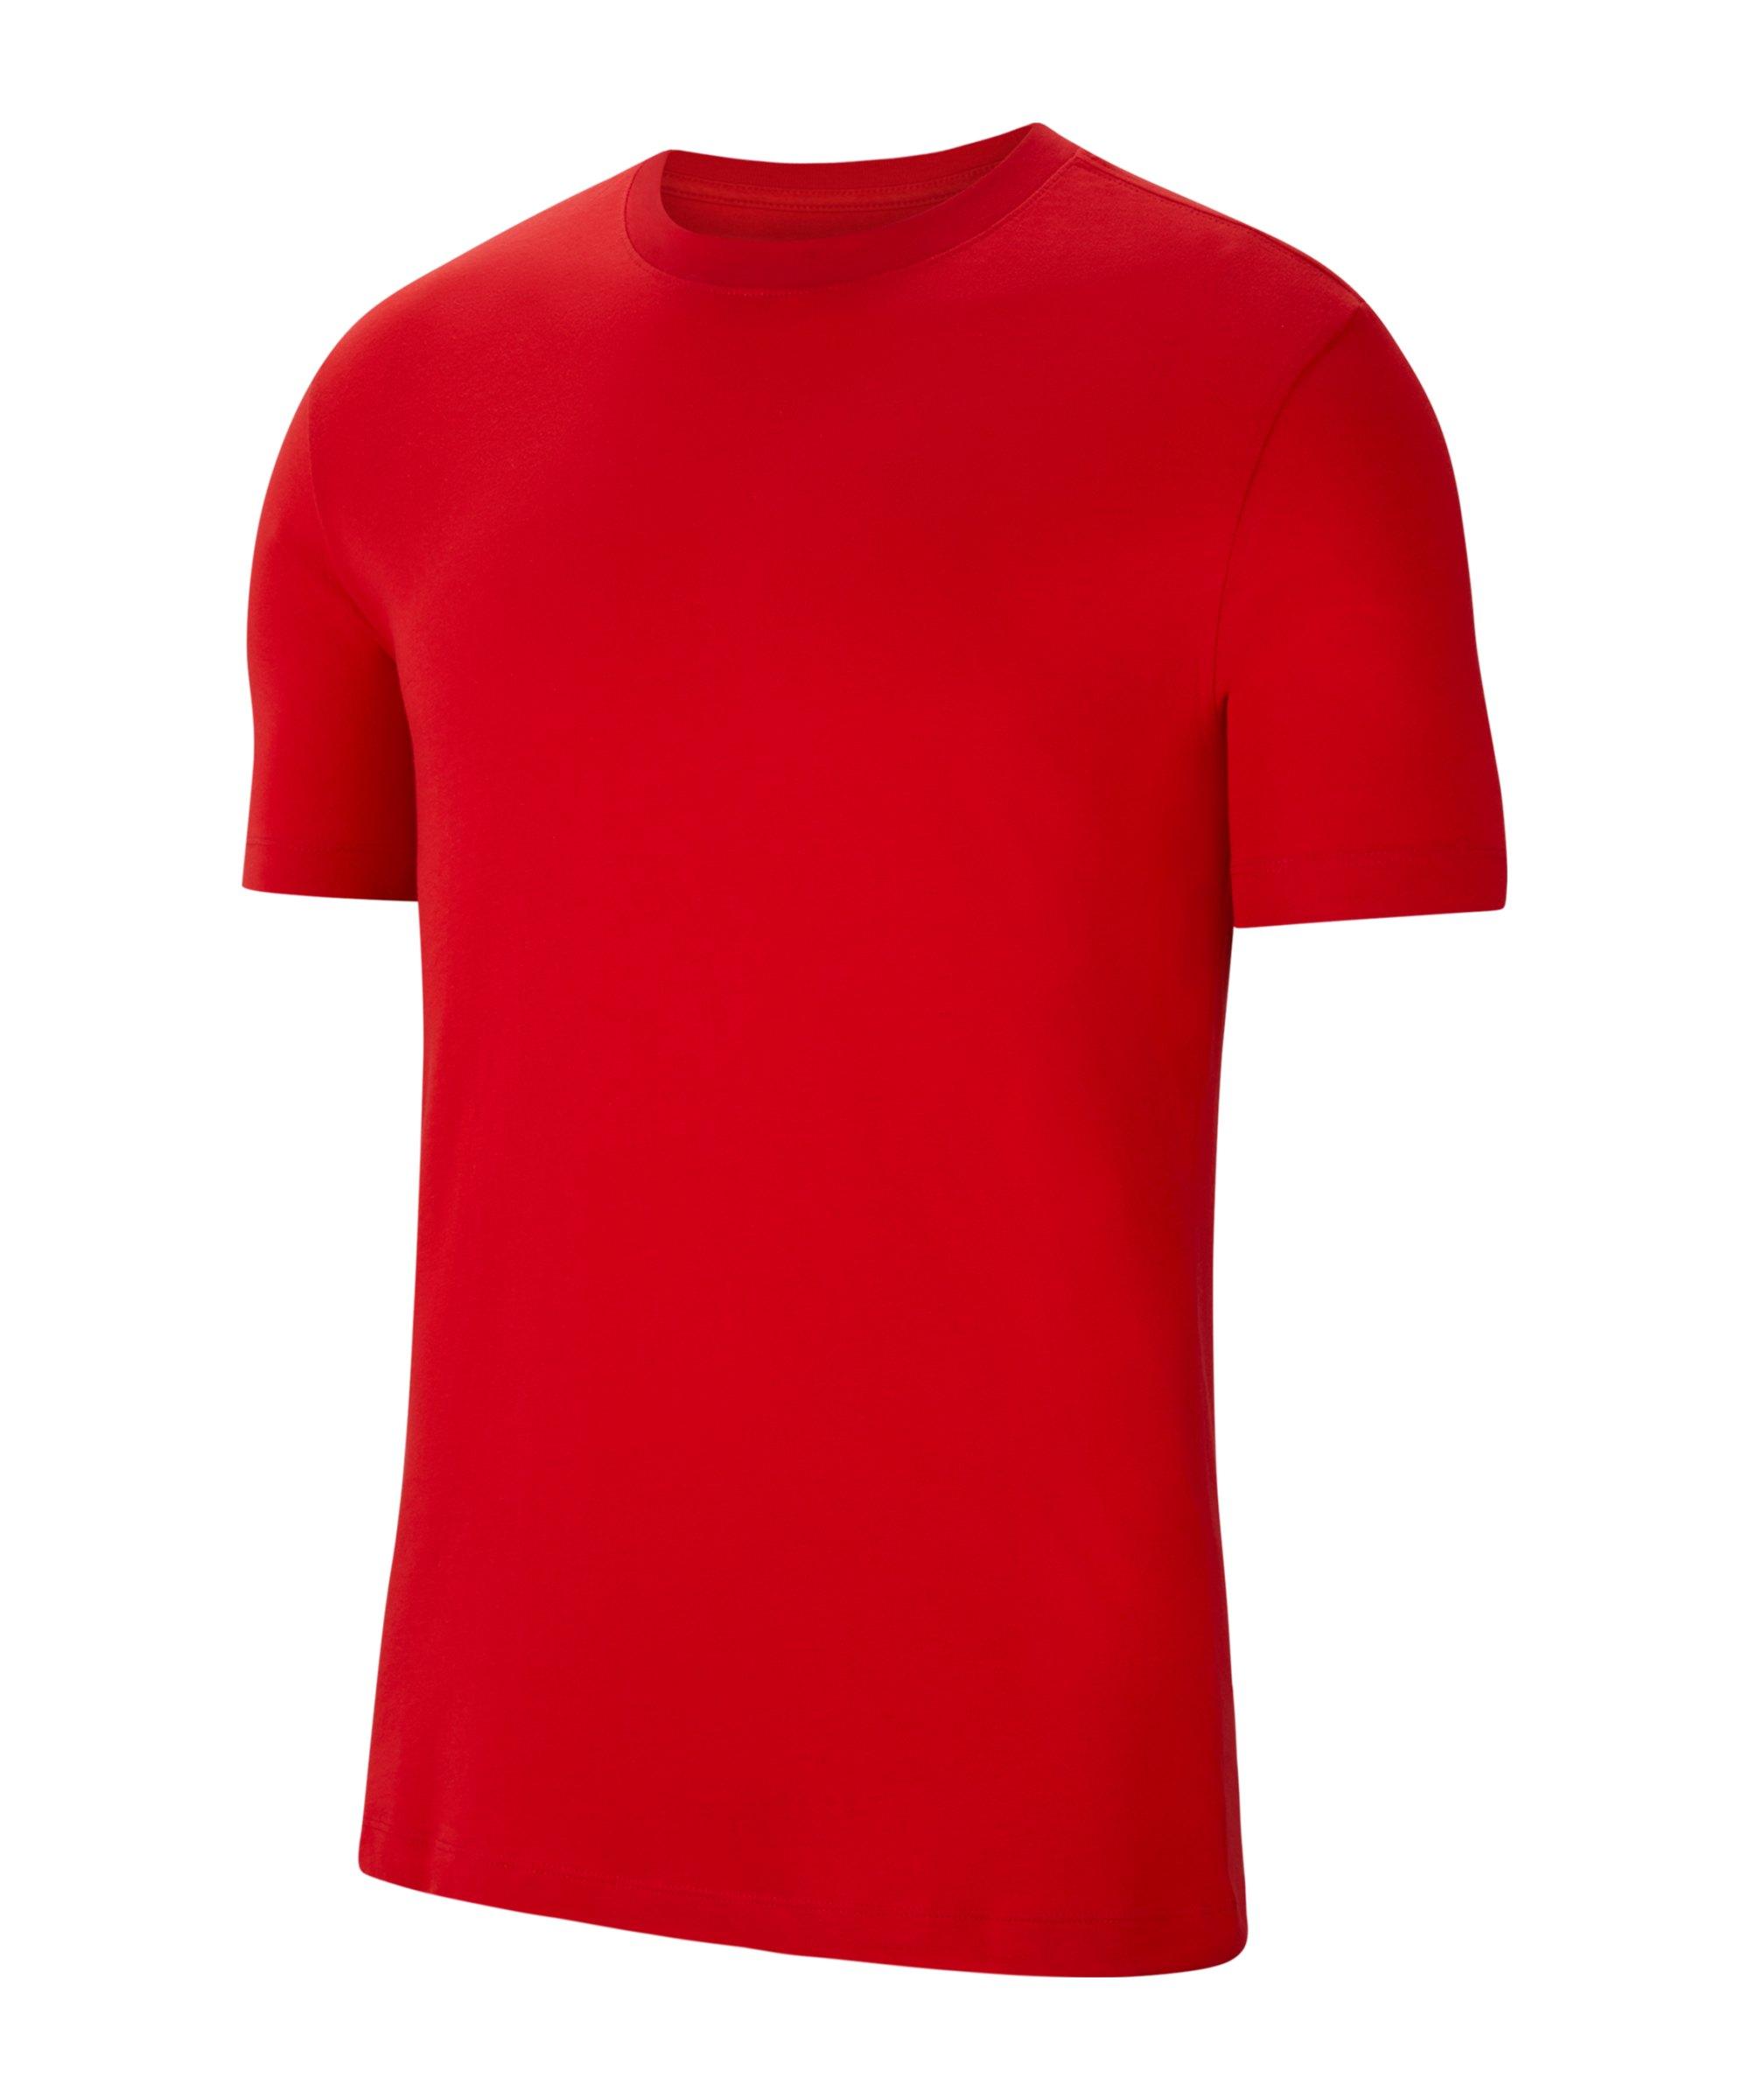 Nike Park 20 T-Shirt Kids Rot Weiss F657 - rot